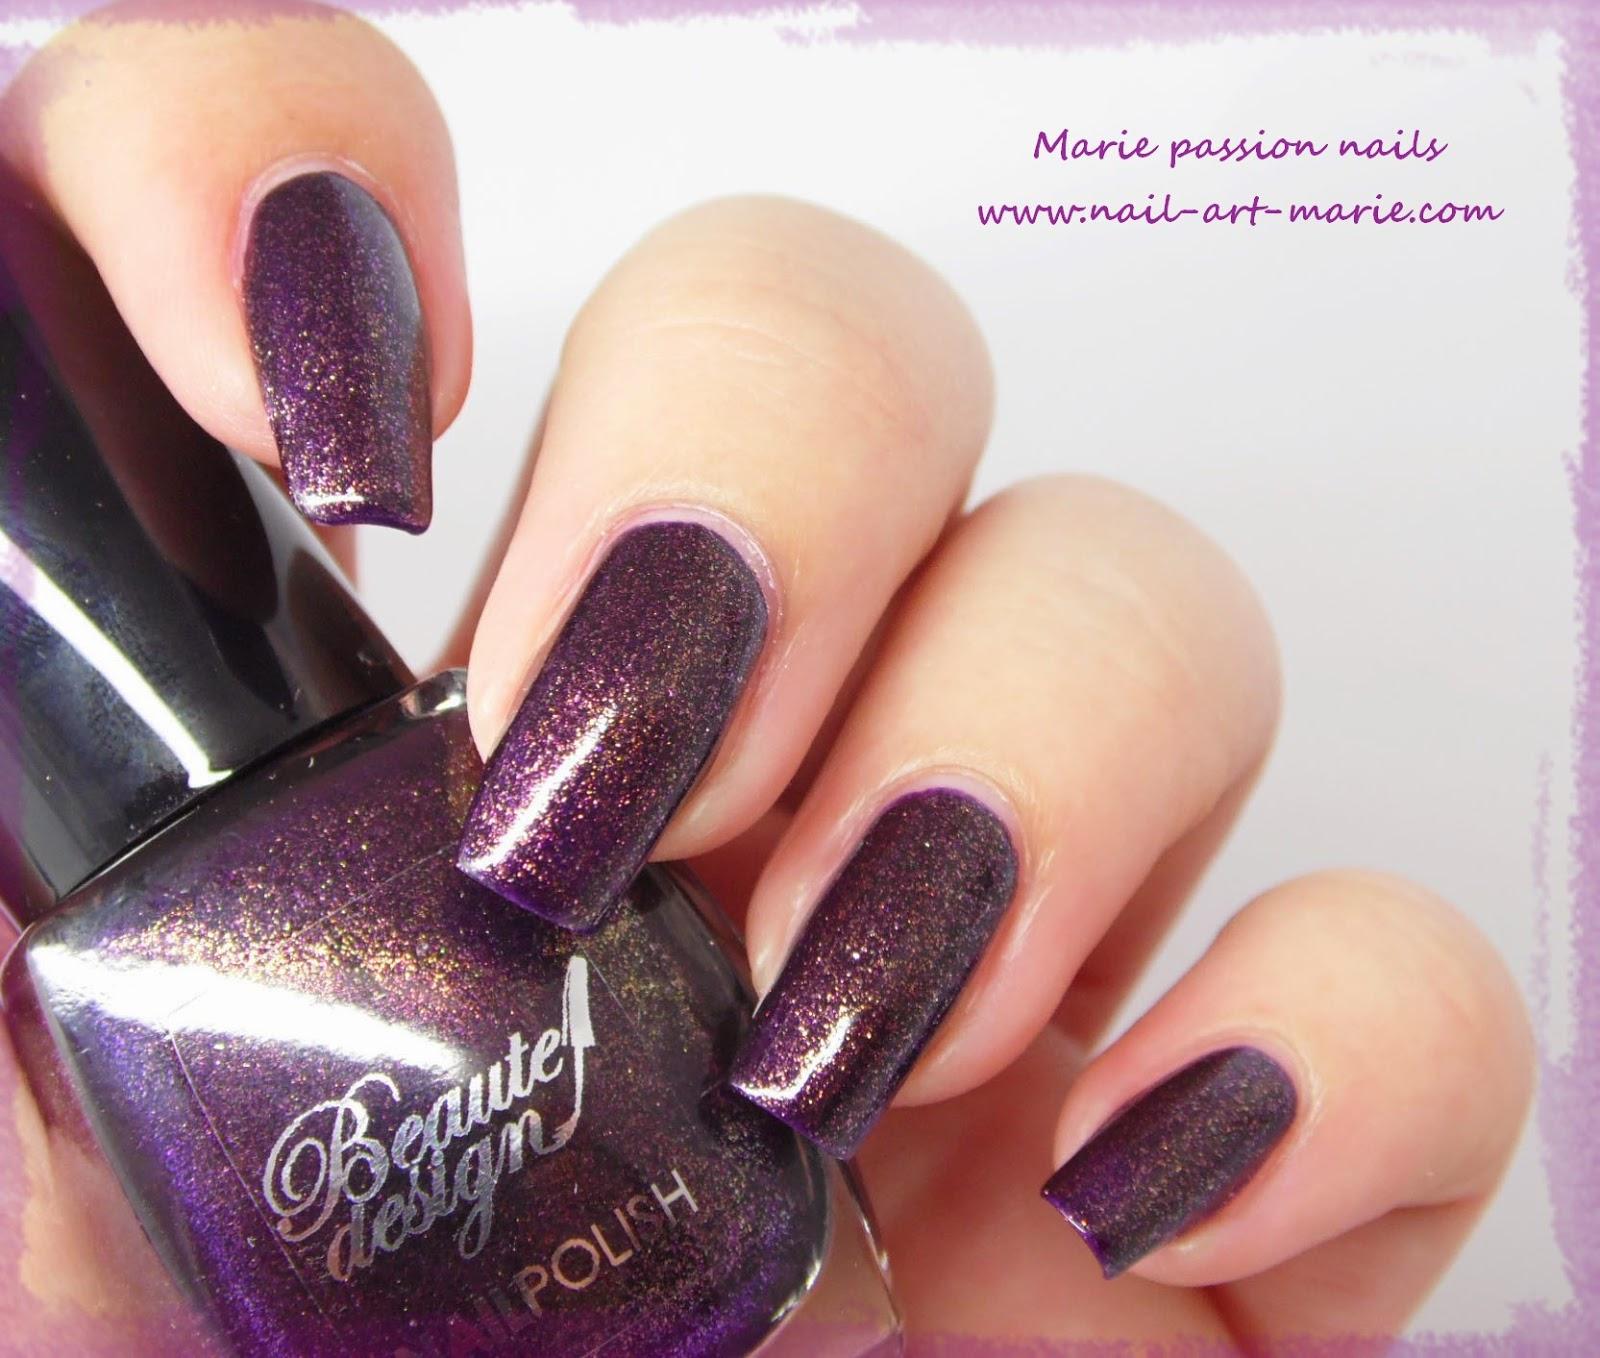 Beautedesign Violet Métallisé9